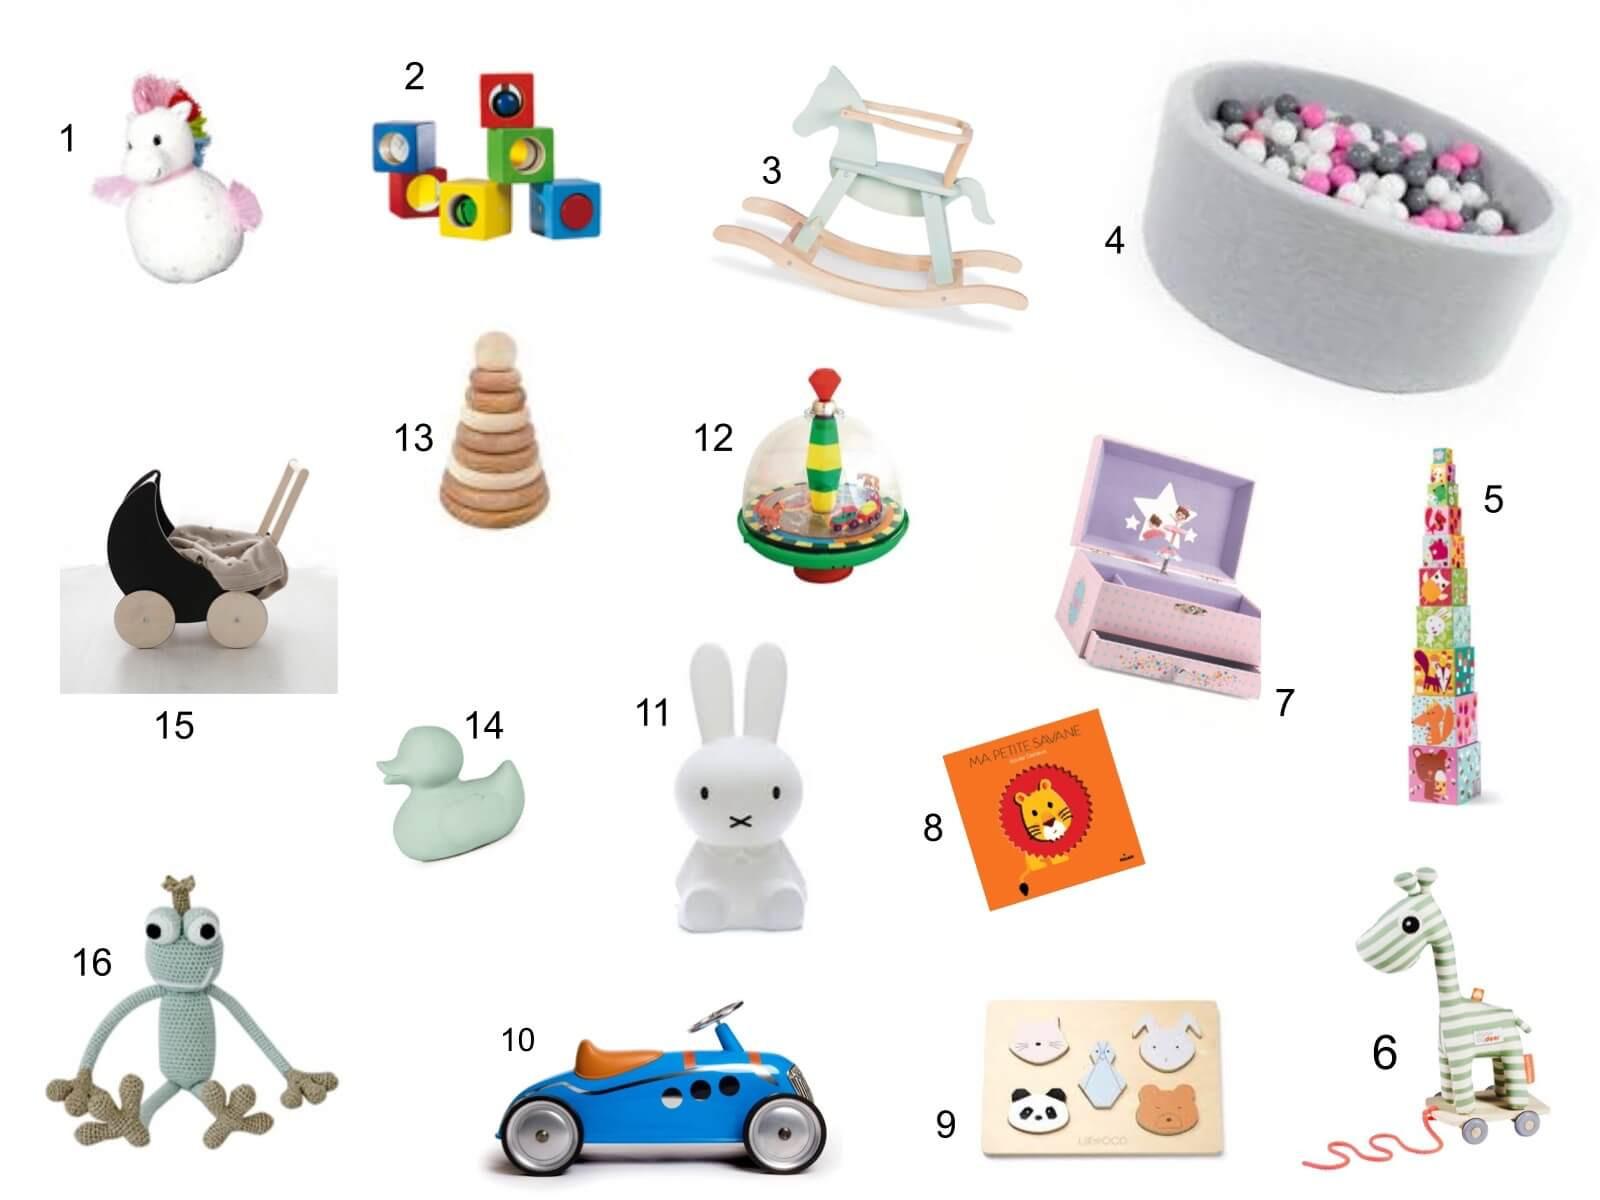 Geschenke Für 11-12 Jährige Mädchen  Happy Mum Blog Geschenkideen für 1 jährige Kinder